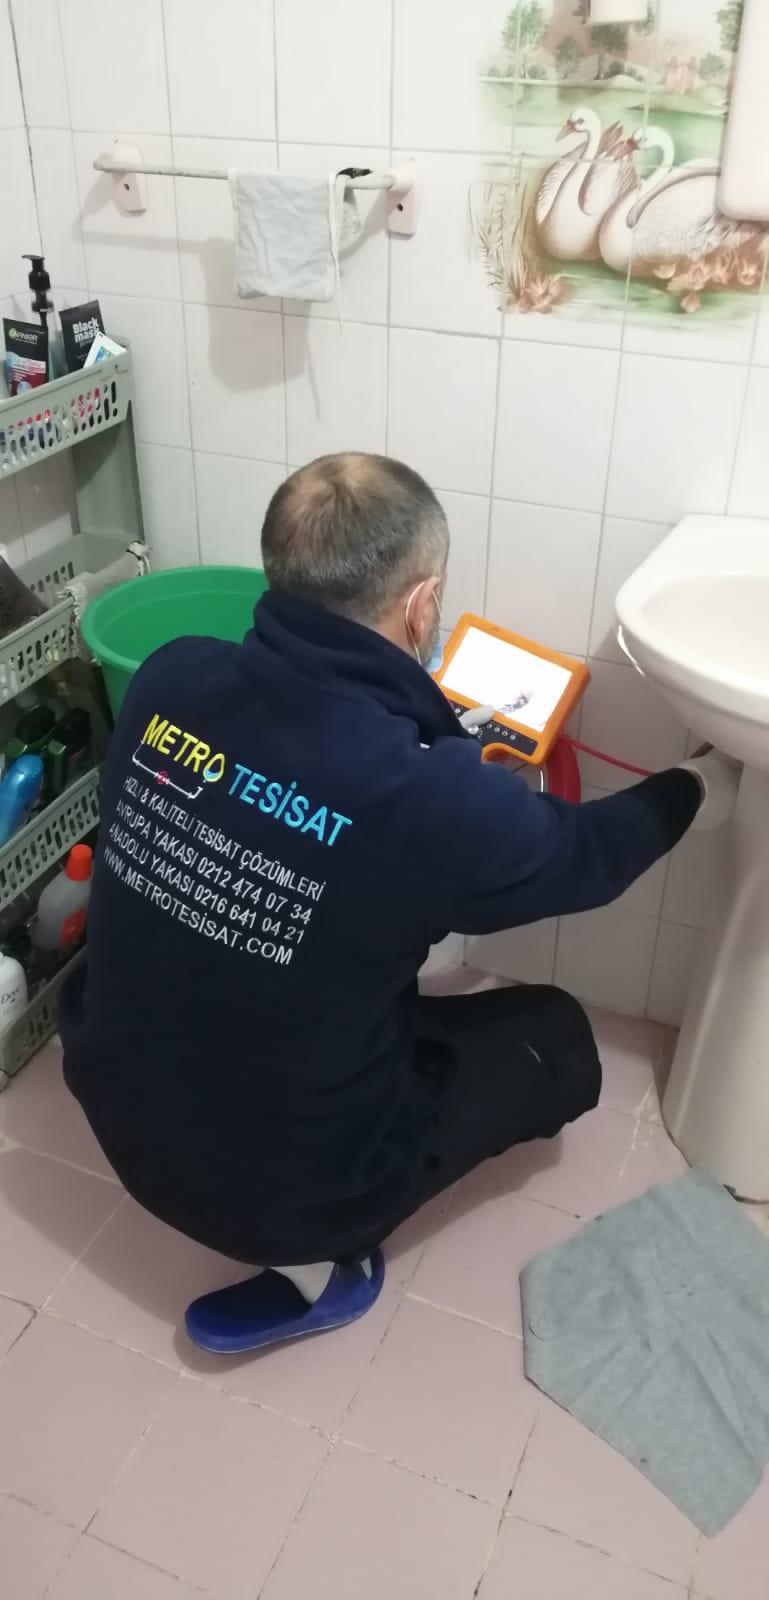 Küçükçekmece Tuvalet Tıkanıklığı Açma, Küçükçekmece Tıkanıklık Açma, Küçükçekmece Kırmadan Tıkanıklık Açma, Çekmece Lavabo Tıkanıklığı Açma